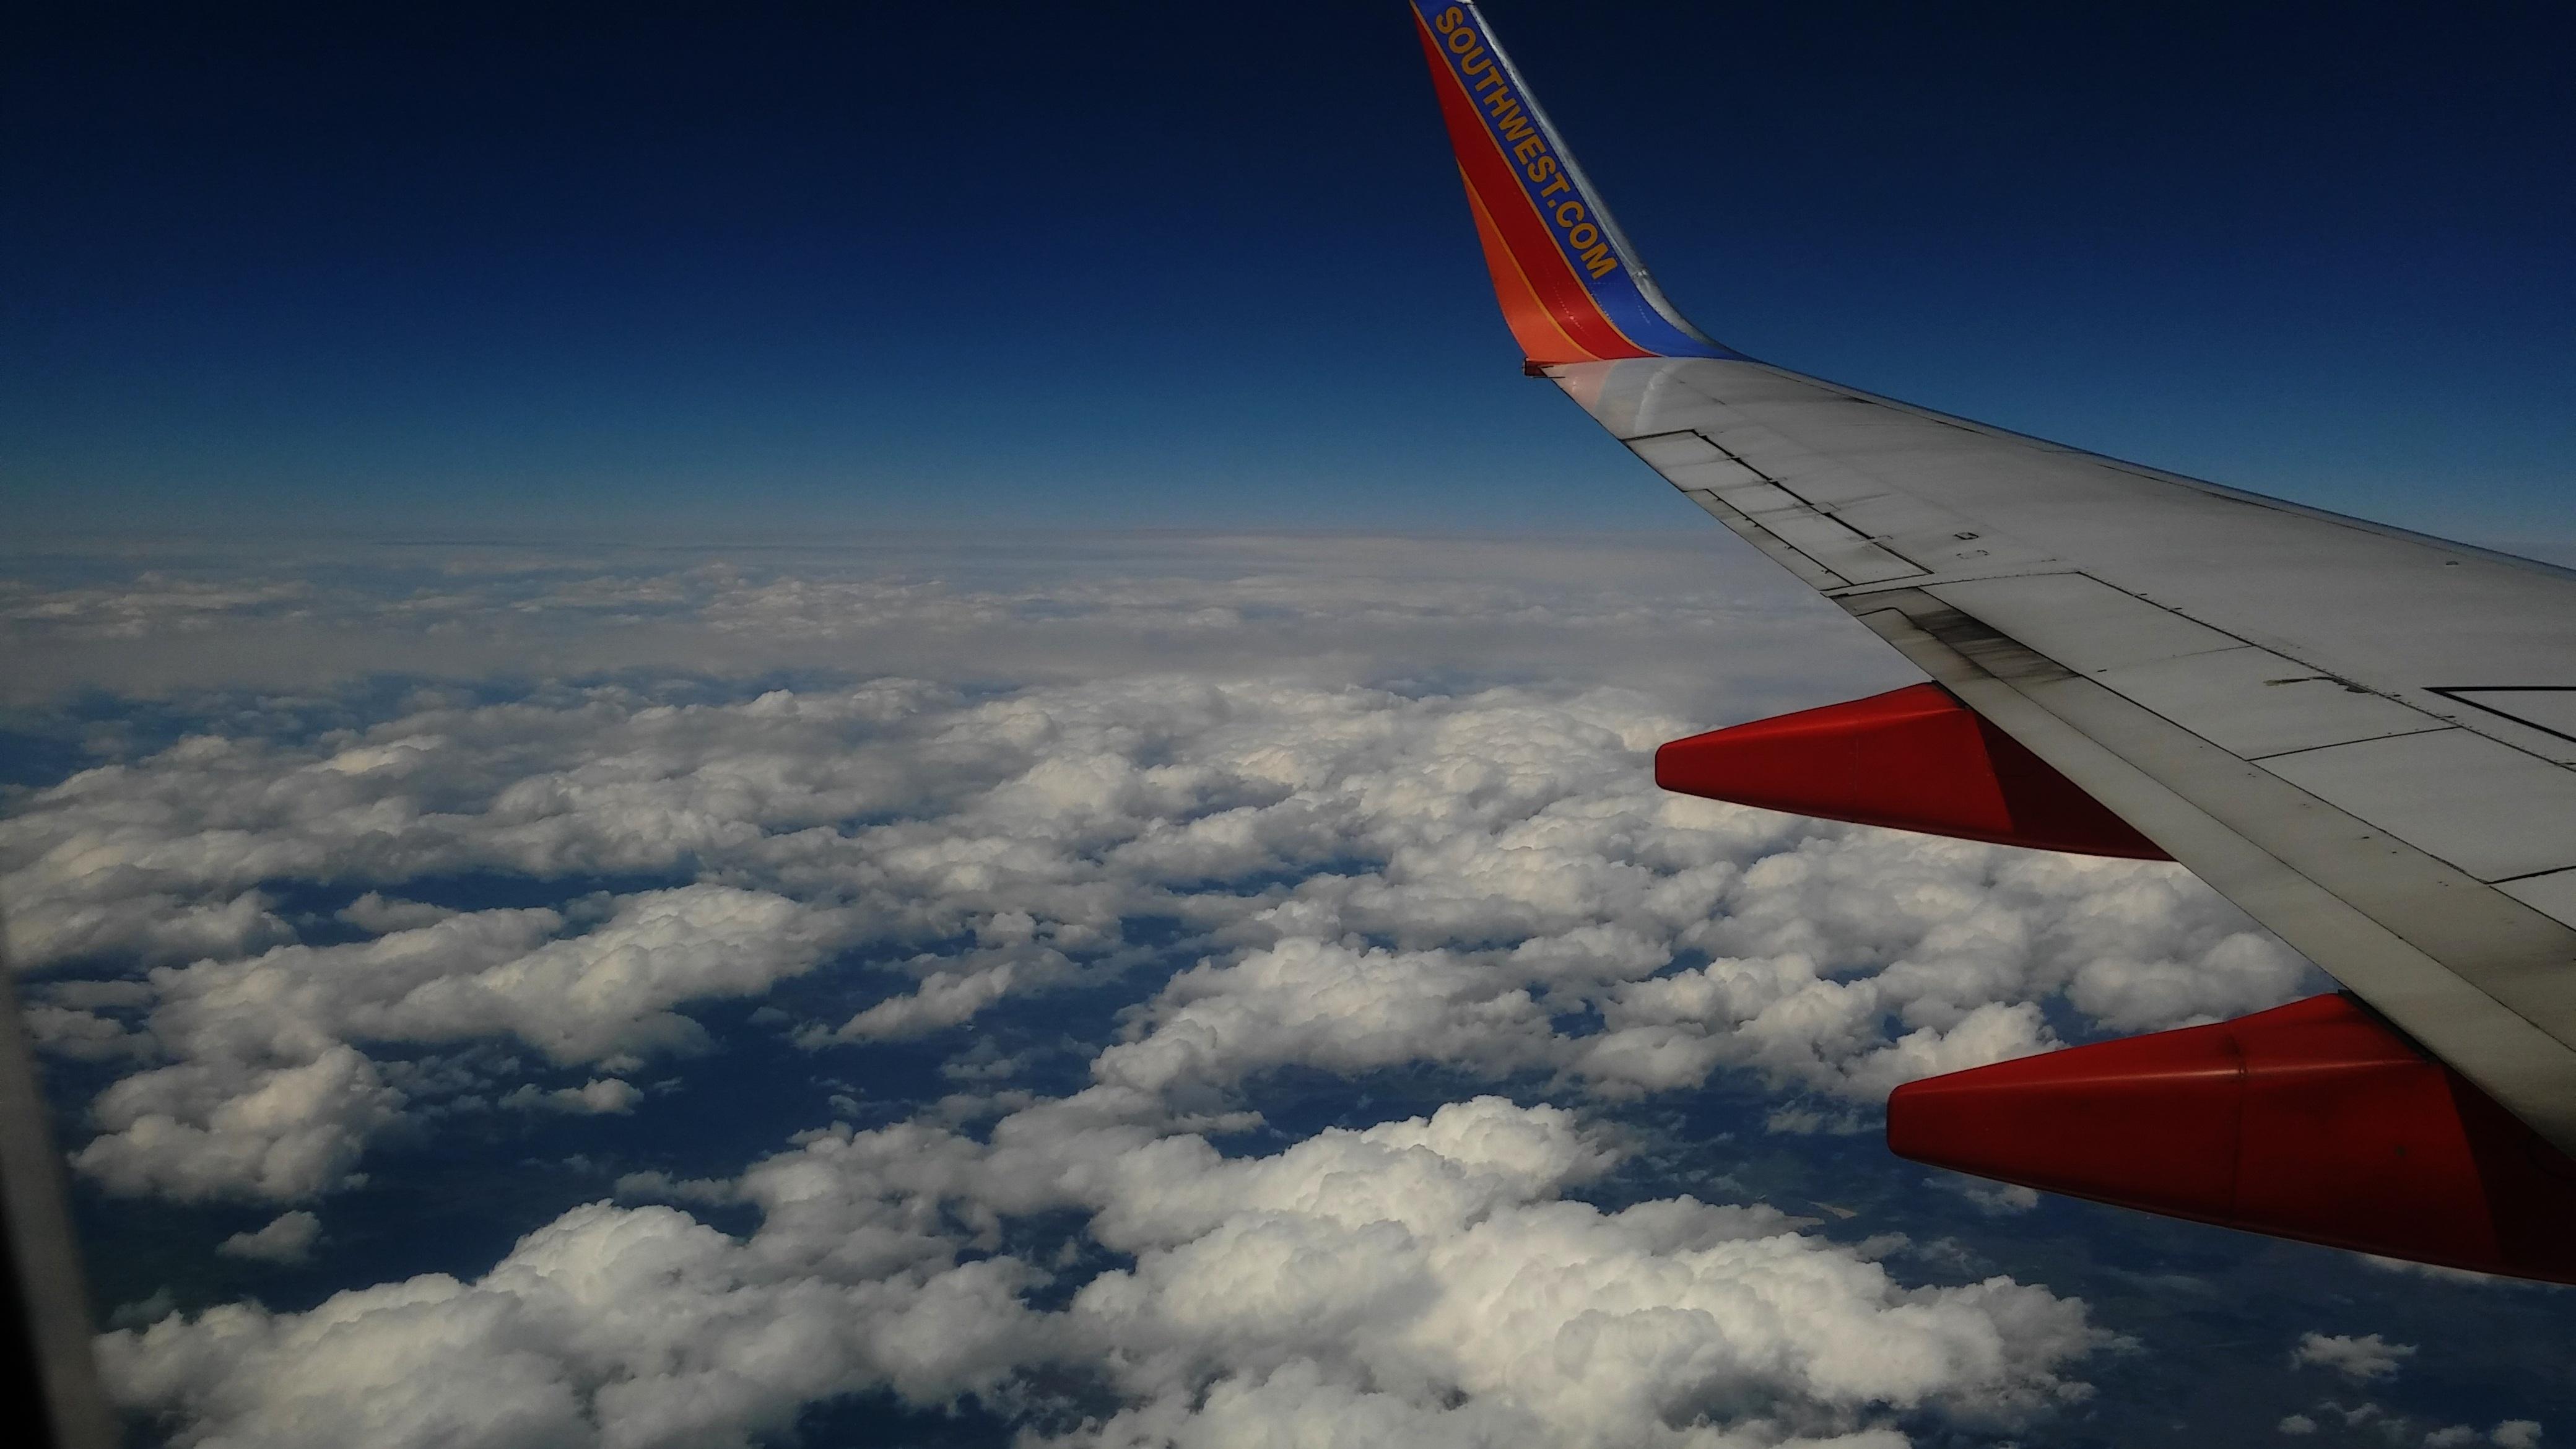 Fotos gratis : ala, nube, cielo, aire, mosca, vacaciones